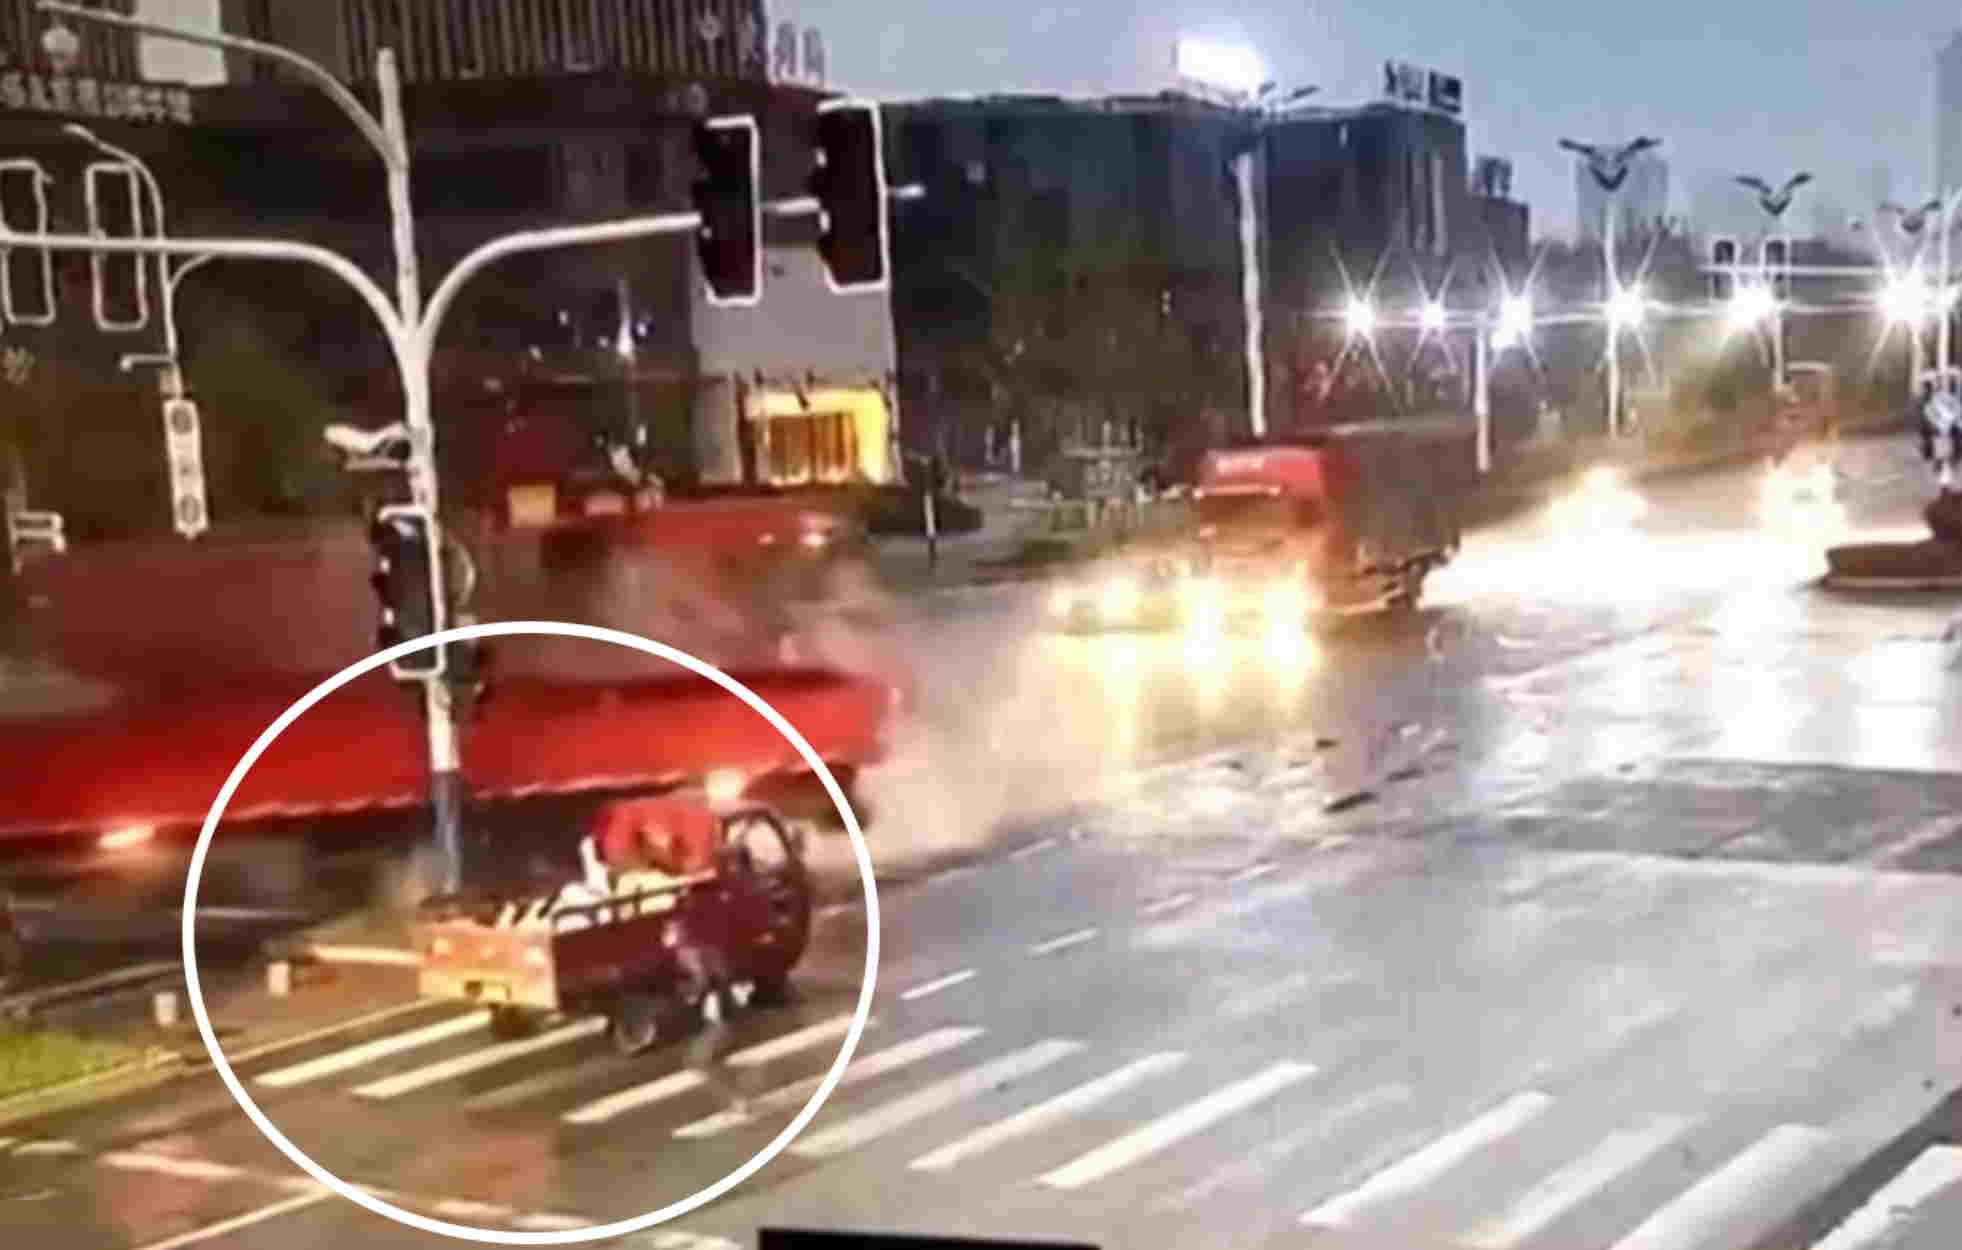 Απίστευτο ατύχημα: Πεζός γλίτωσε από θαύμα την ώρα που διέσχιζε τον δρόμο